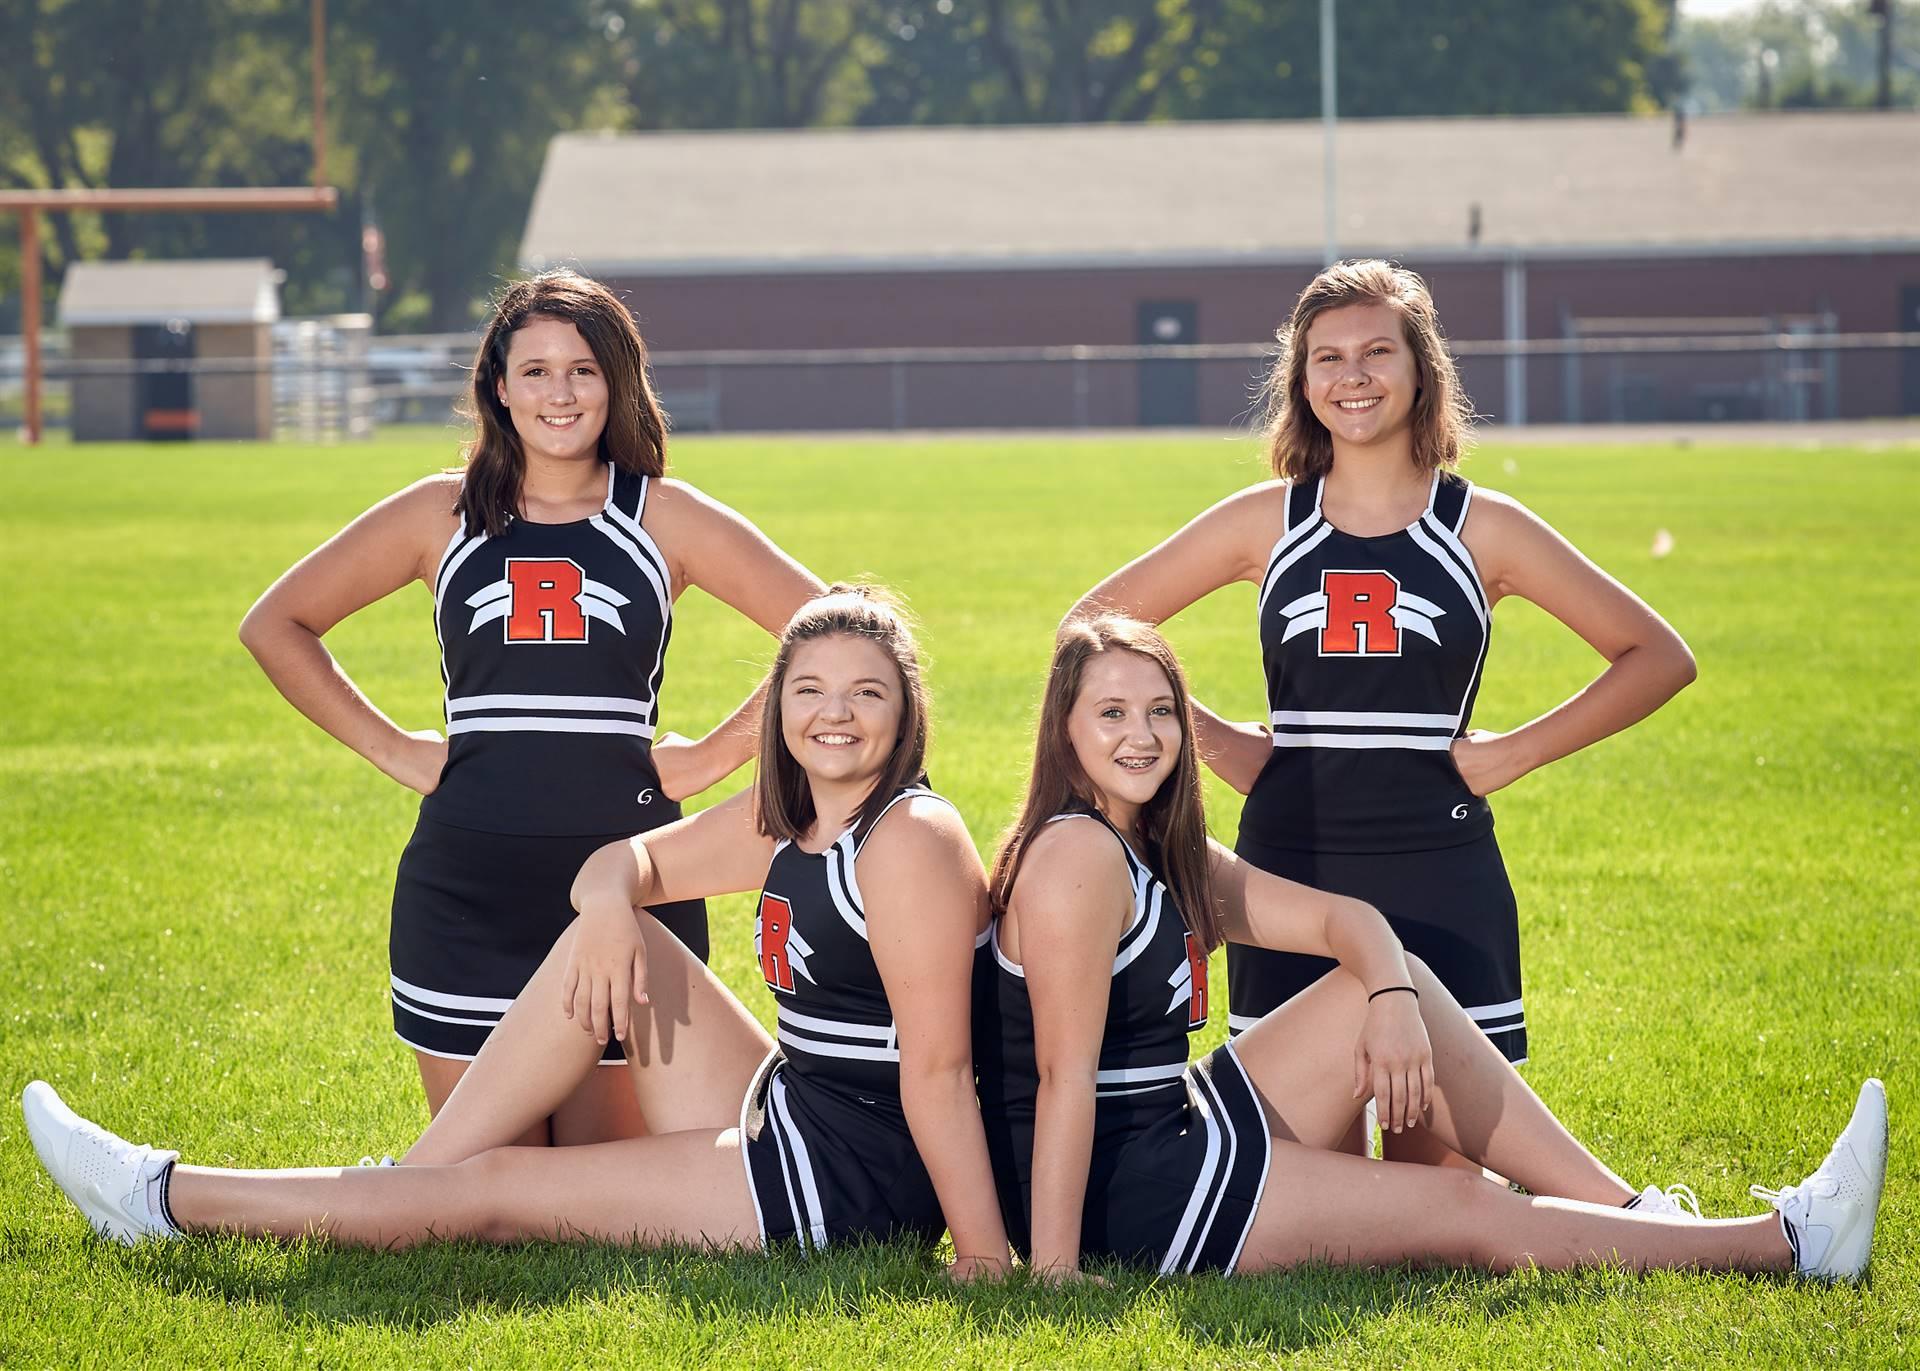 HS Cheer - JV Team